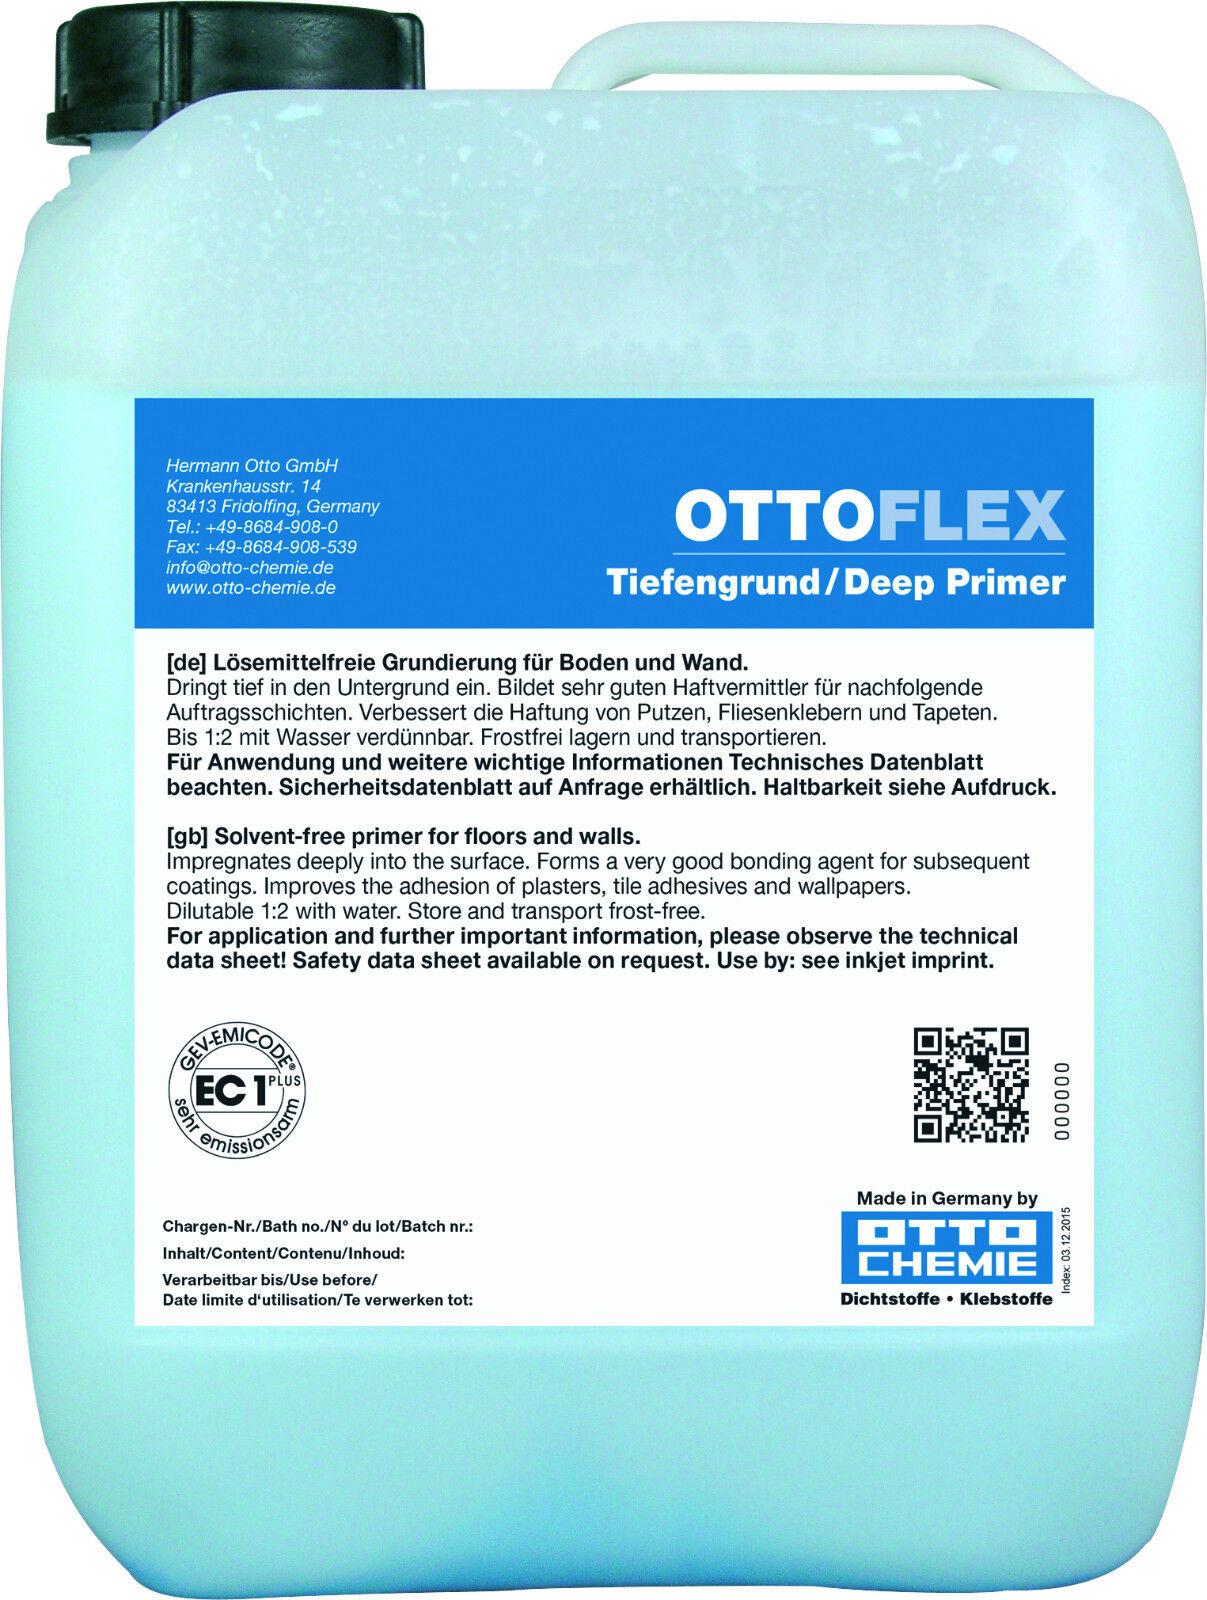 OTTOFLEX Tiefengrund 20 kg Grundierung für Putz Estrich Gipskartonplatten Steine